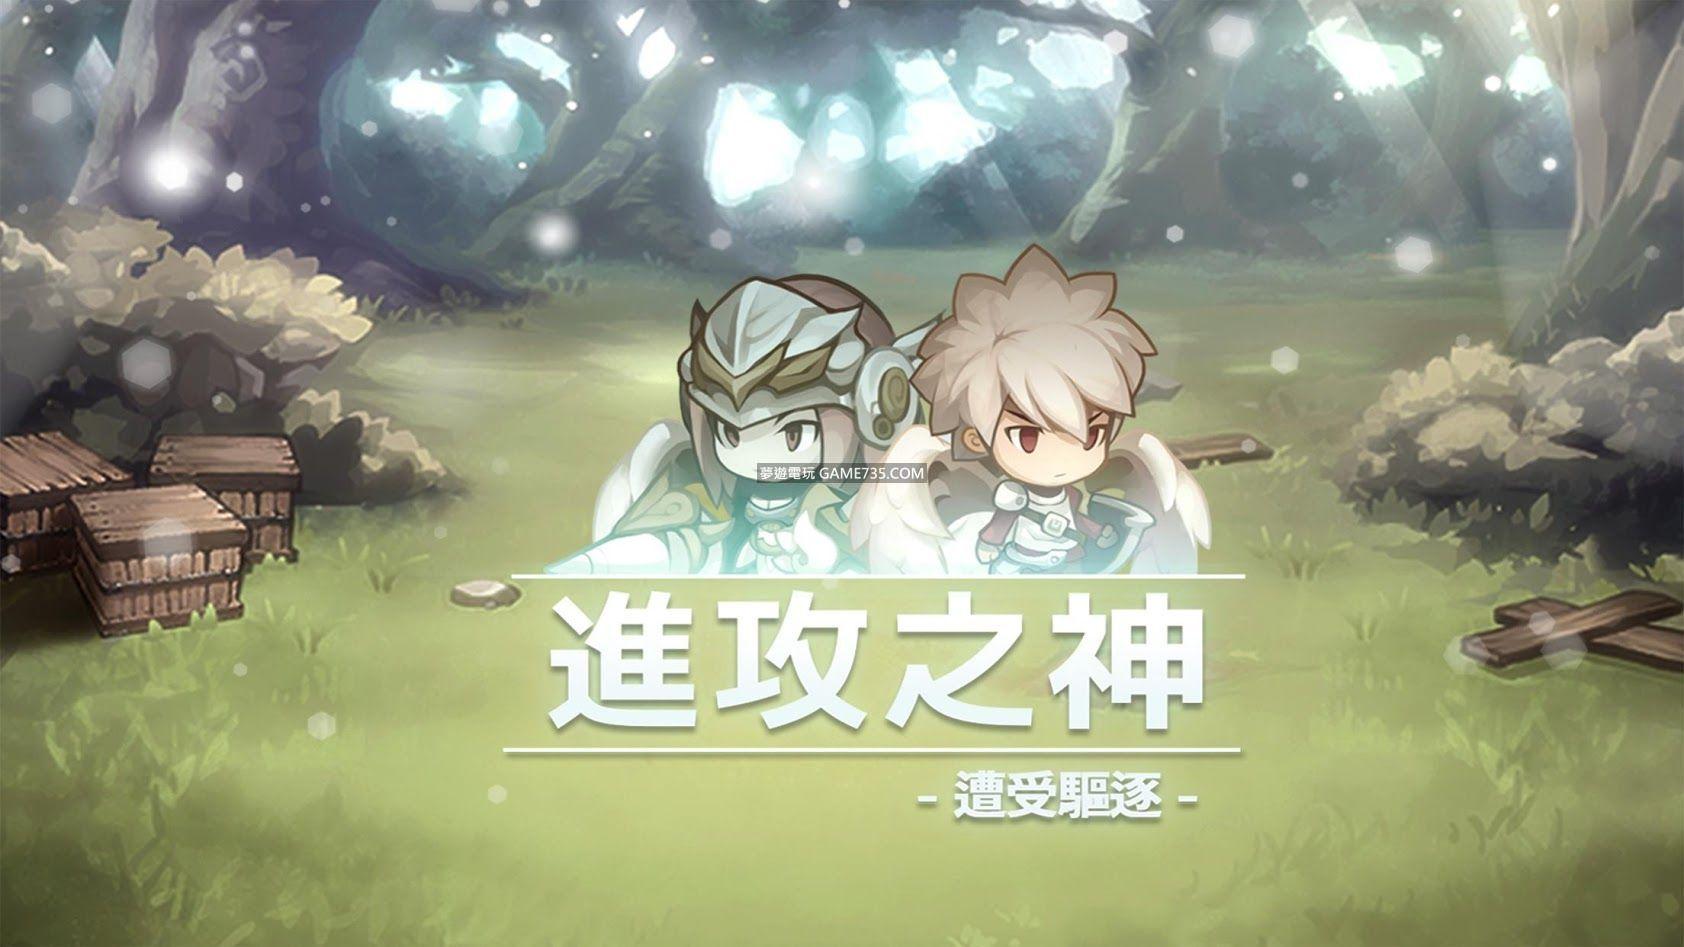 【修改版+繁體】進攻之神 God of Attack v2.2.5 無限金幣 MOD